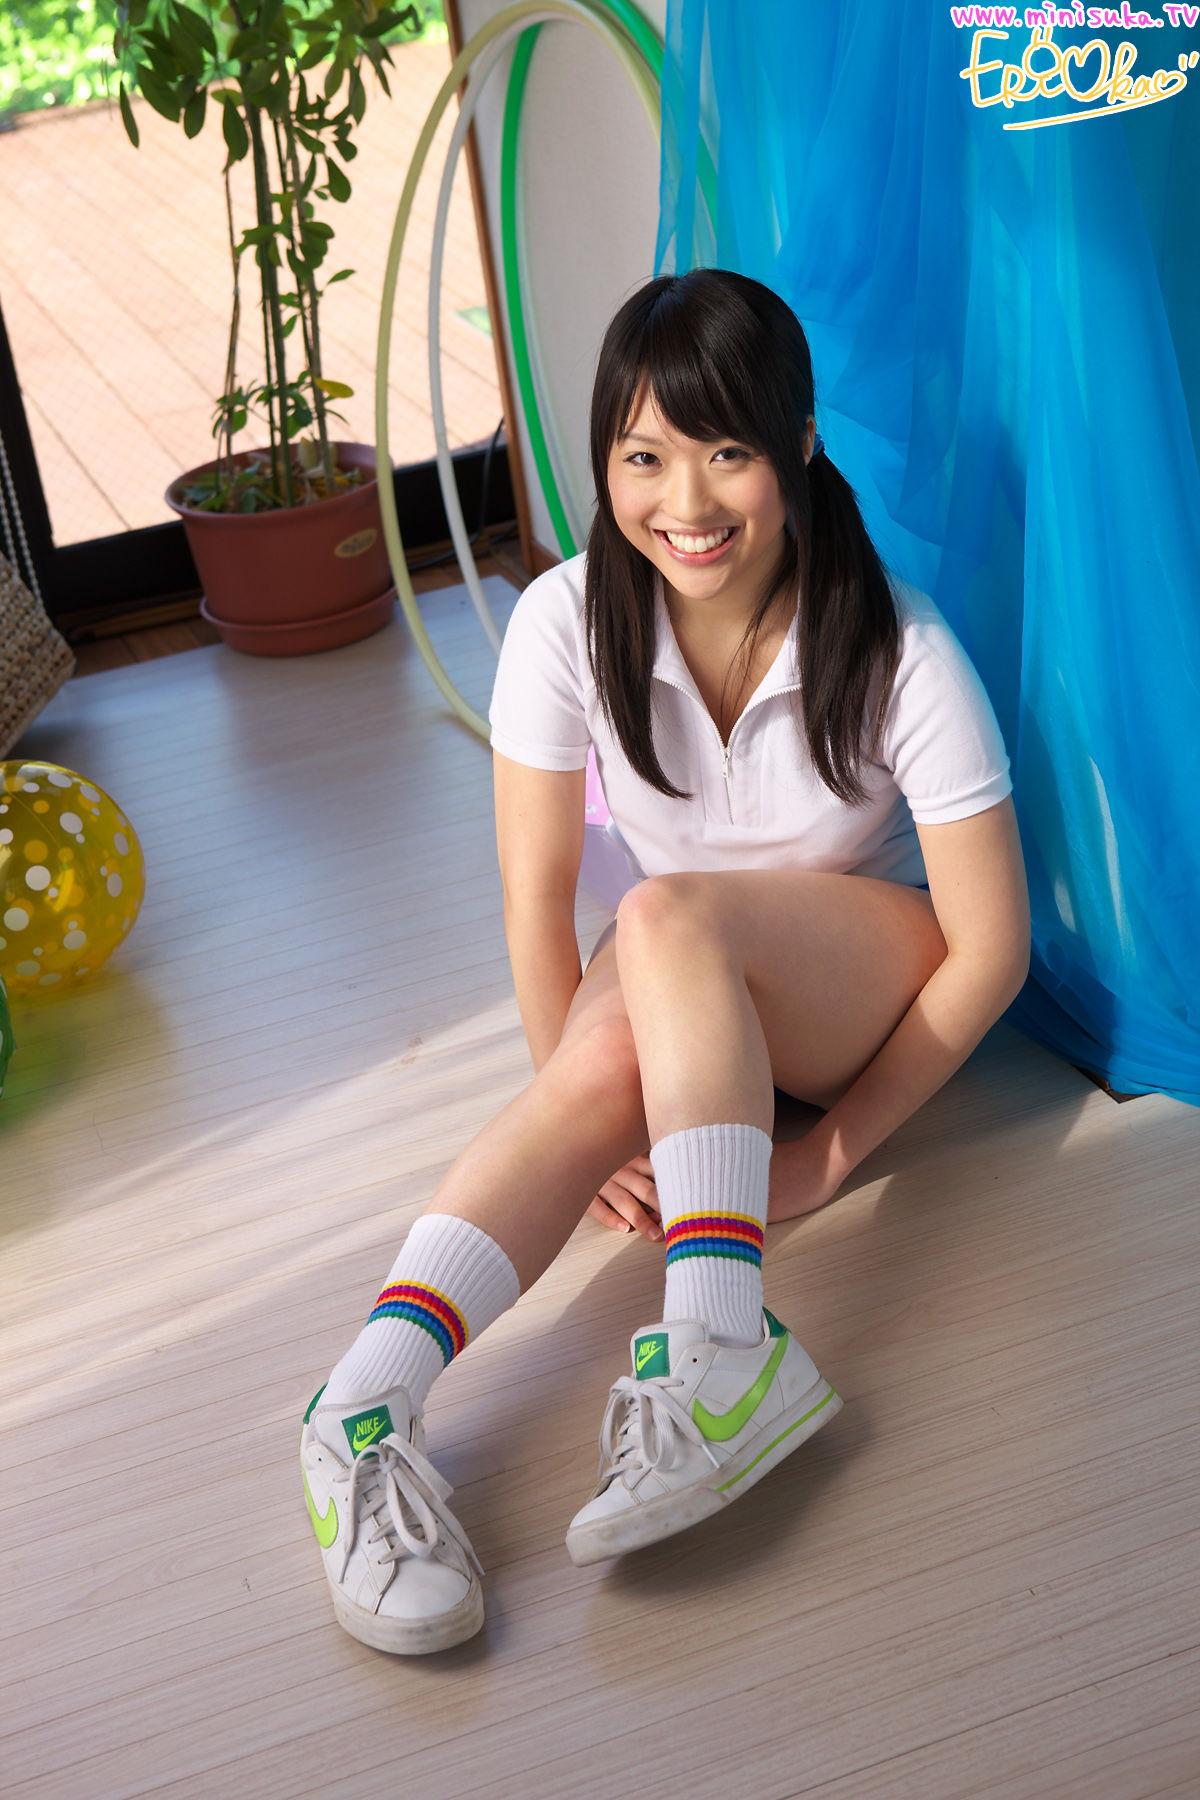 Eri Oka 岡英里 - 体操服少女